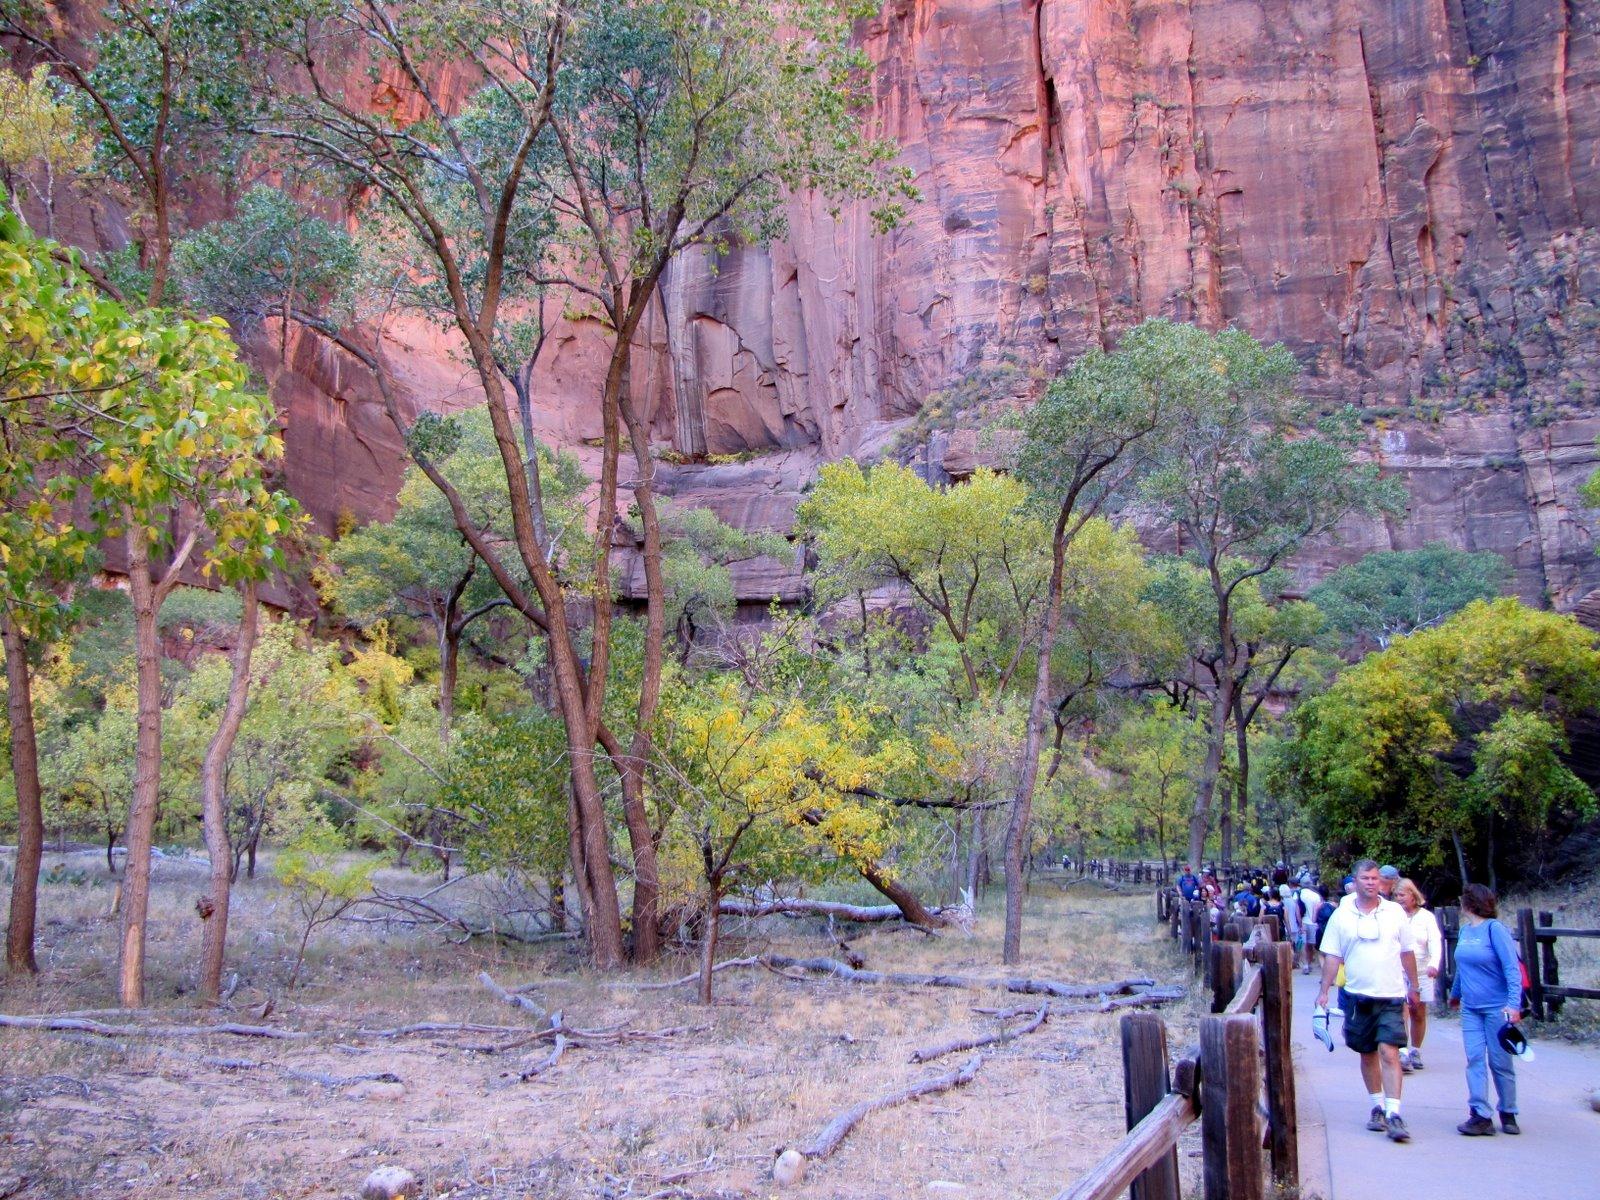 Irány a kiszáradt vízesés  Walking to the dry waterfall